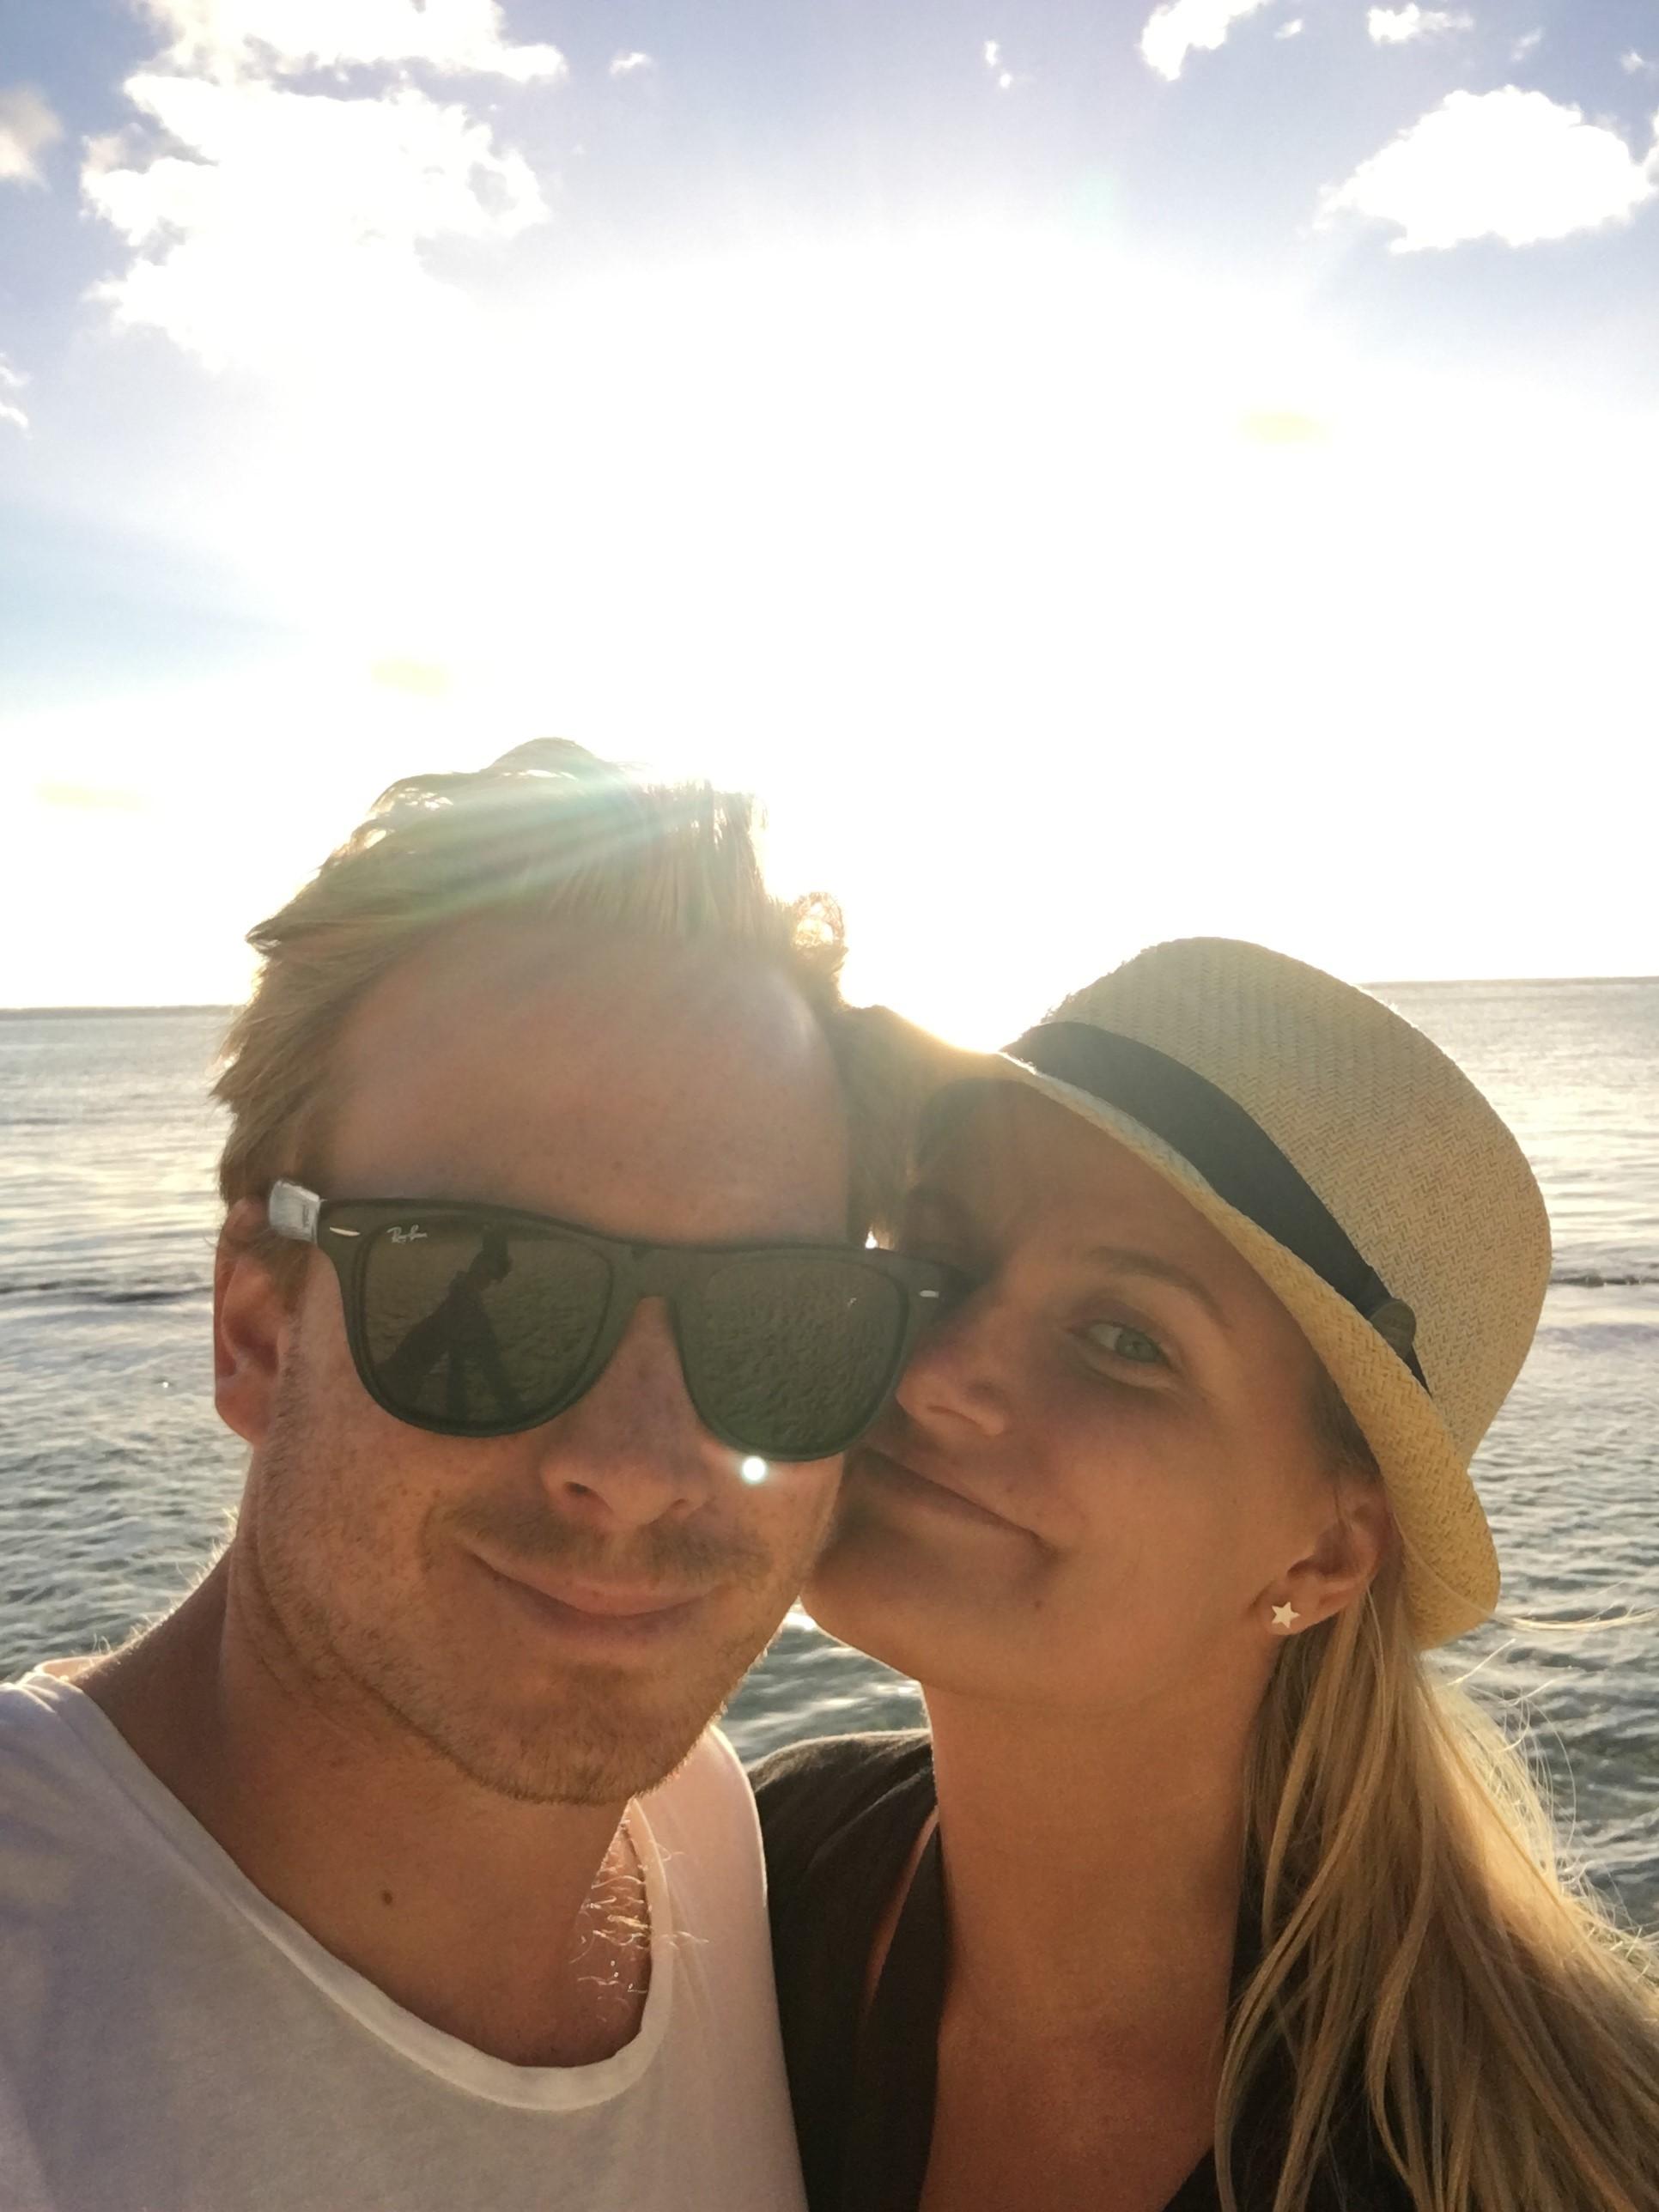 SPANSK SOMMER: Reiserådgiveren Anne Nygaard skal til Cala d'Or på Mallorca. Der skal hun og kjæresten leie bil og dra på oppdagelsesferd, og ikke minst – spise masse god, spansk mat. Foto: Privat